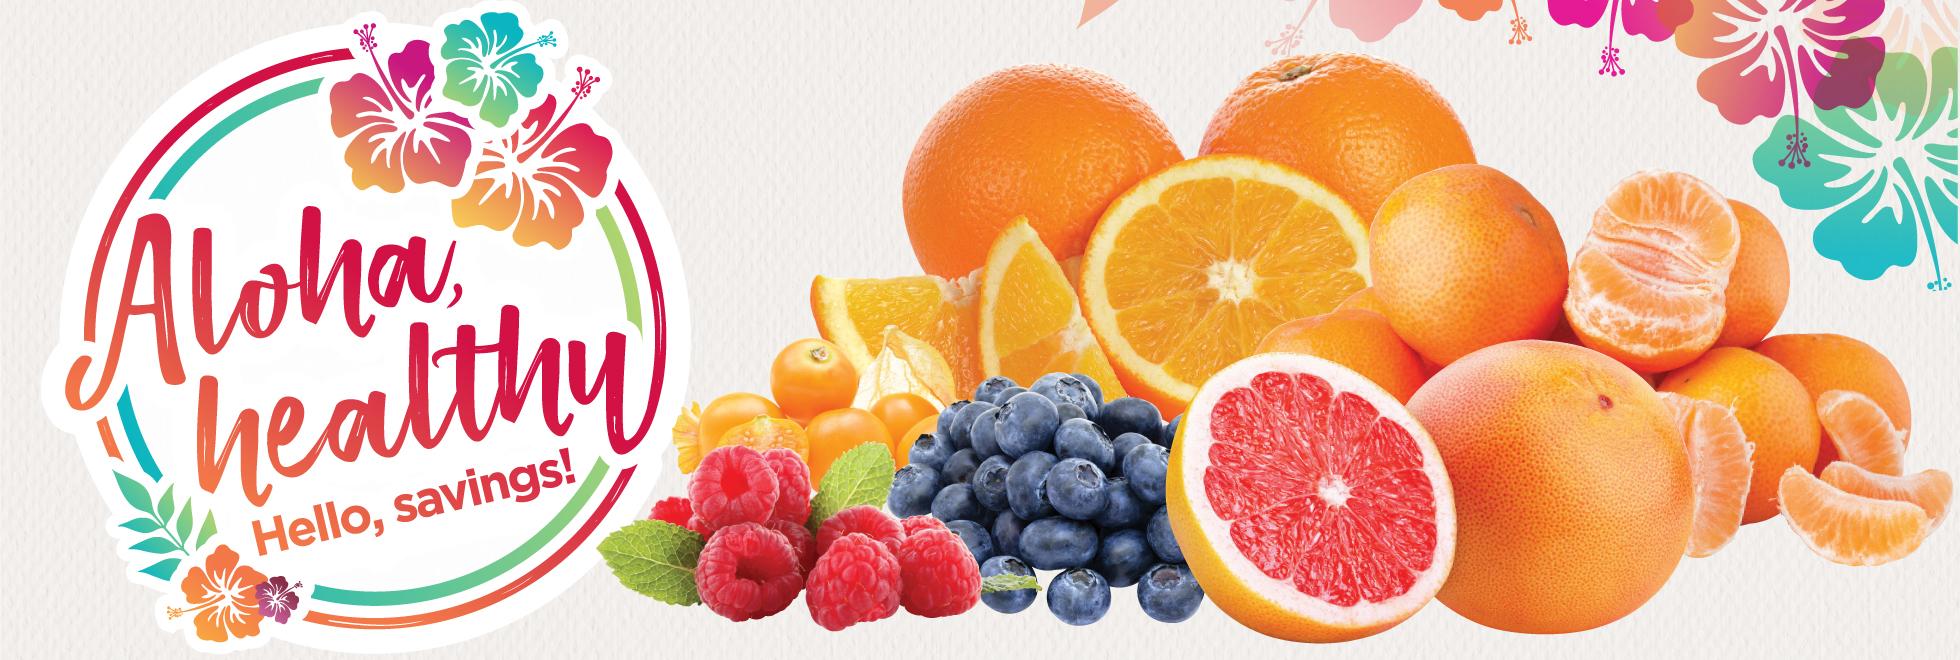 Fresh Citrus Sale